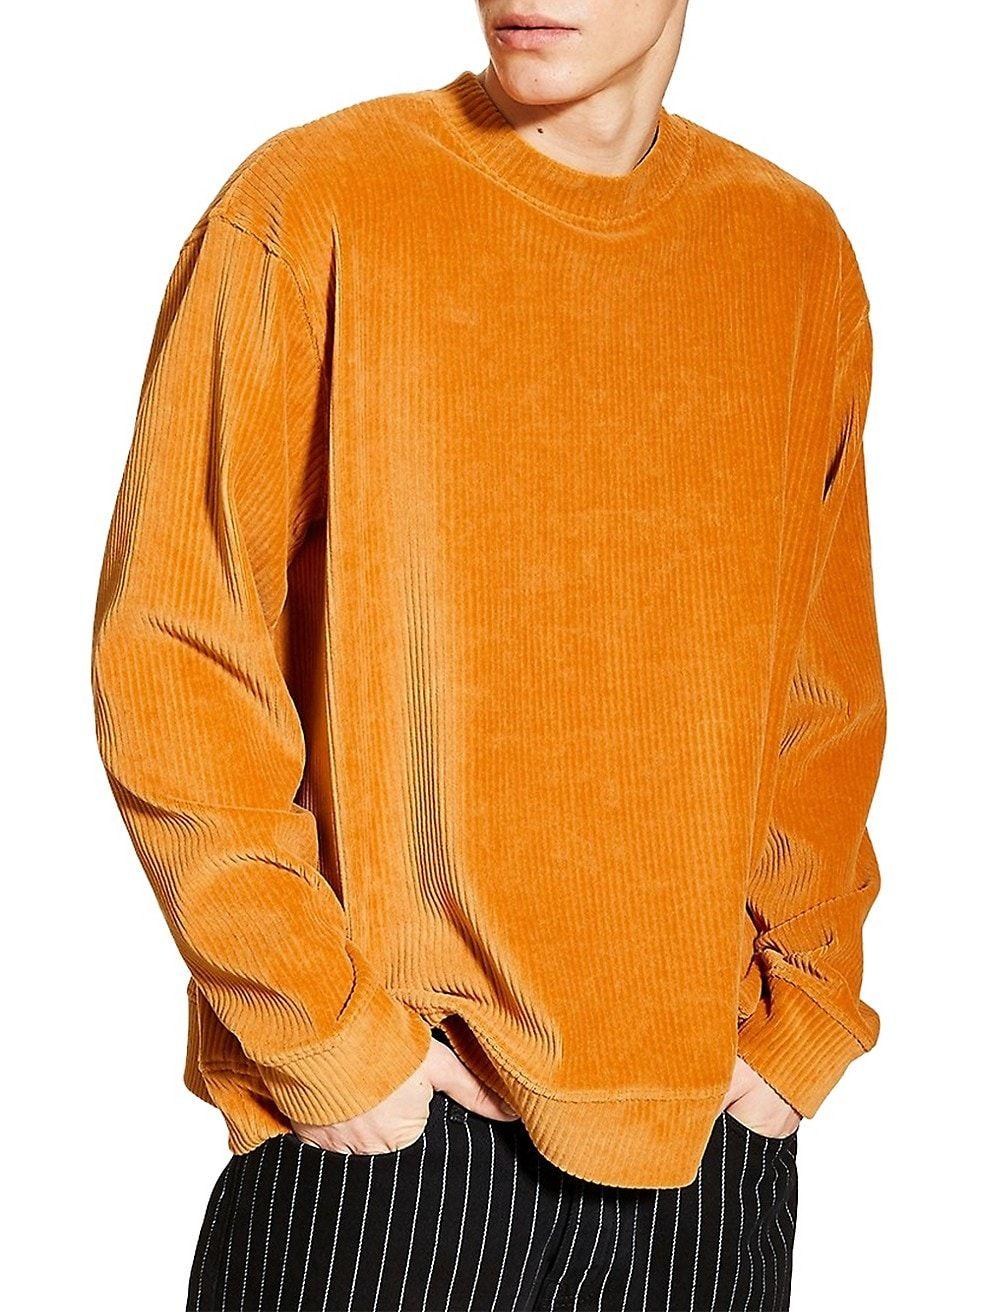 Topman Corduroy Velour Sweatshirt Mens Thebay Indie Clothing Mens Tee Shirt Designs Indie Outfits [ 1312 x 984 Pixel ]